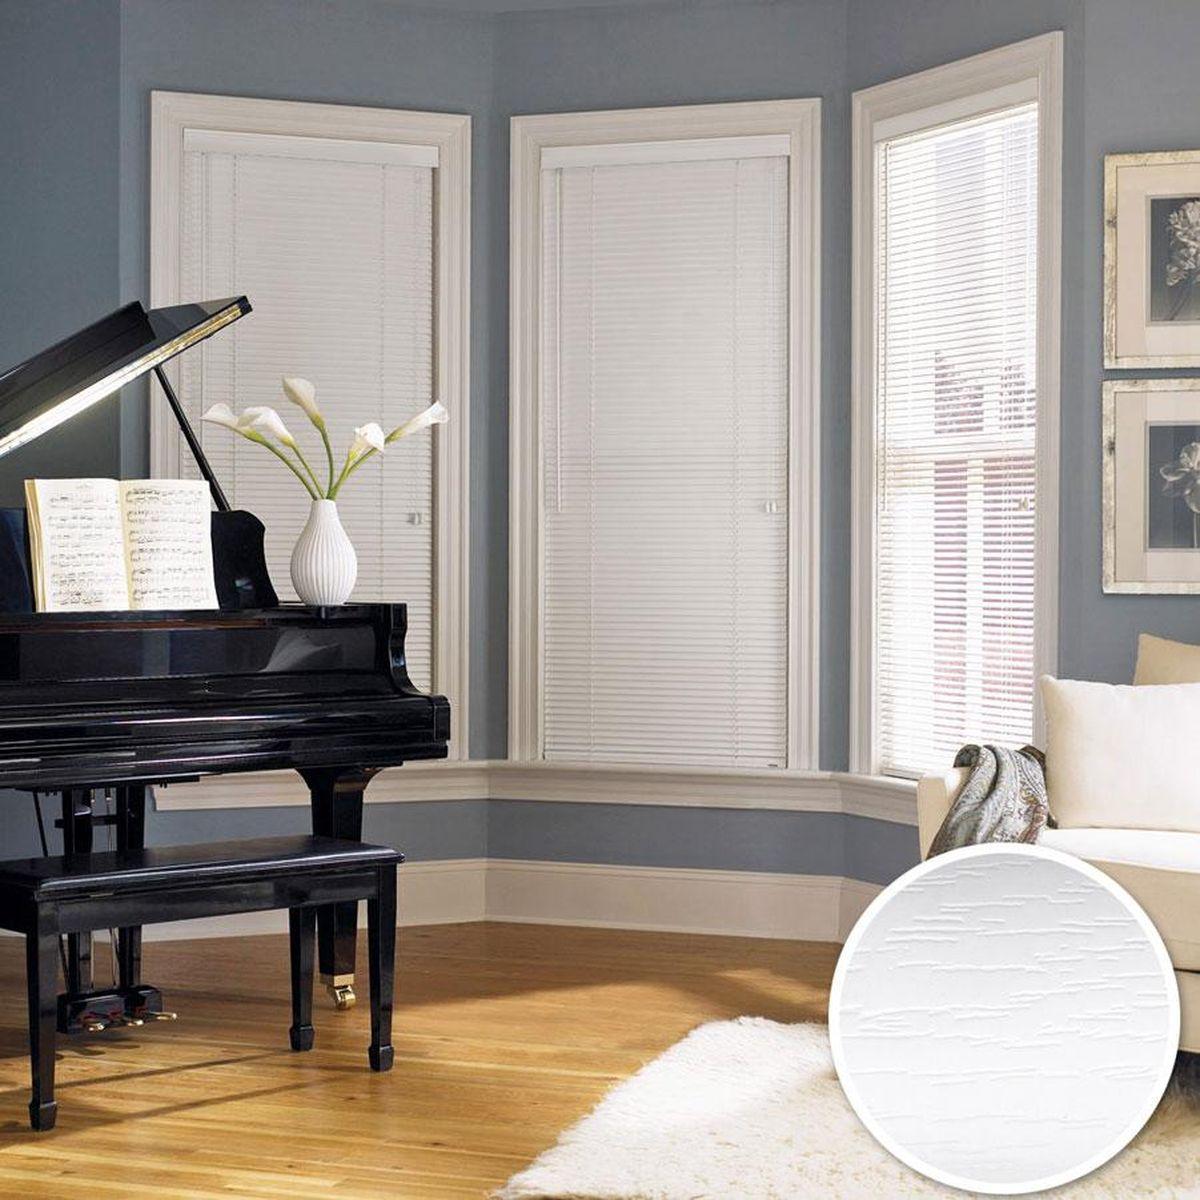 Жалюзи пластиковые 38 мм Эскар, горизонтальные, цвет: белый, ширина 160 см, высота 160 см61008160160Для того чтобы придать интерьеру изюминку и завершенность, нет ничего лучше, чем использовать жалюзи на окнах квартиры, дома или офиса. С их помощью можно подчеркнуть индивидуальный вкус, а также стилевое оформление помещения. Помимо декоративных функций, жалюзи выполняют и практические задачи: они защищают от излишнего солнечного света, не дают помещению нагреваться, а также создают уют в темное время суток.Пластиковые жалюзи - самое универсальное и недорогое решение для любого помещения. Купить их может каждый, а широкий выбор размеров под самые популярные габариты сделает покупку простой и удобной. Пластиковые жалюзи имеют высокие эксплуатационные характеристики - они гигиеничны, что делает их незаменимыми при монтаже в детских и медицинских учреждениях.